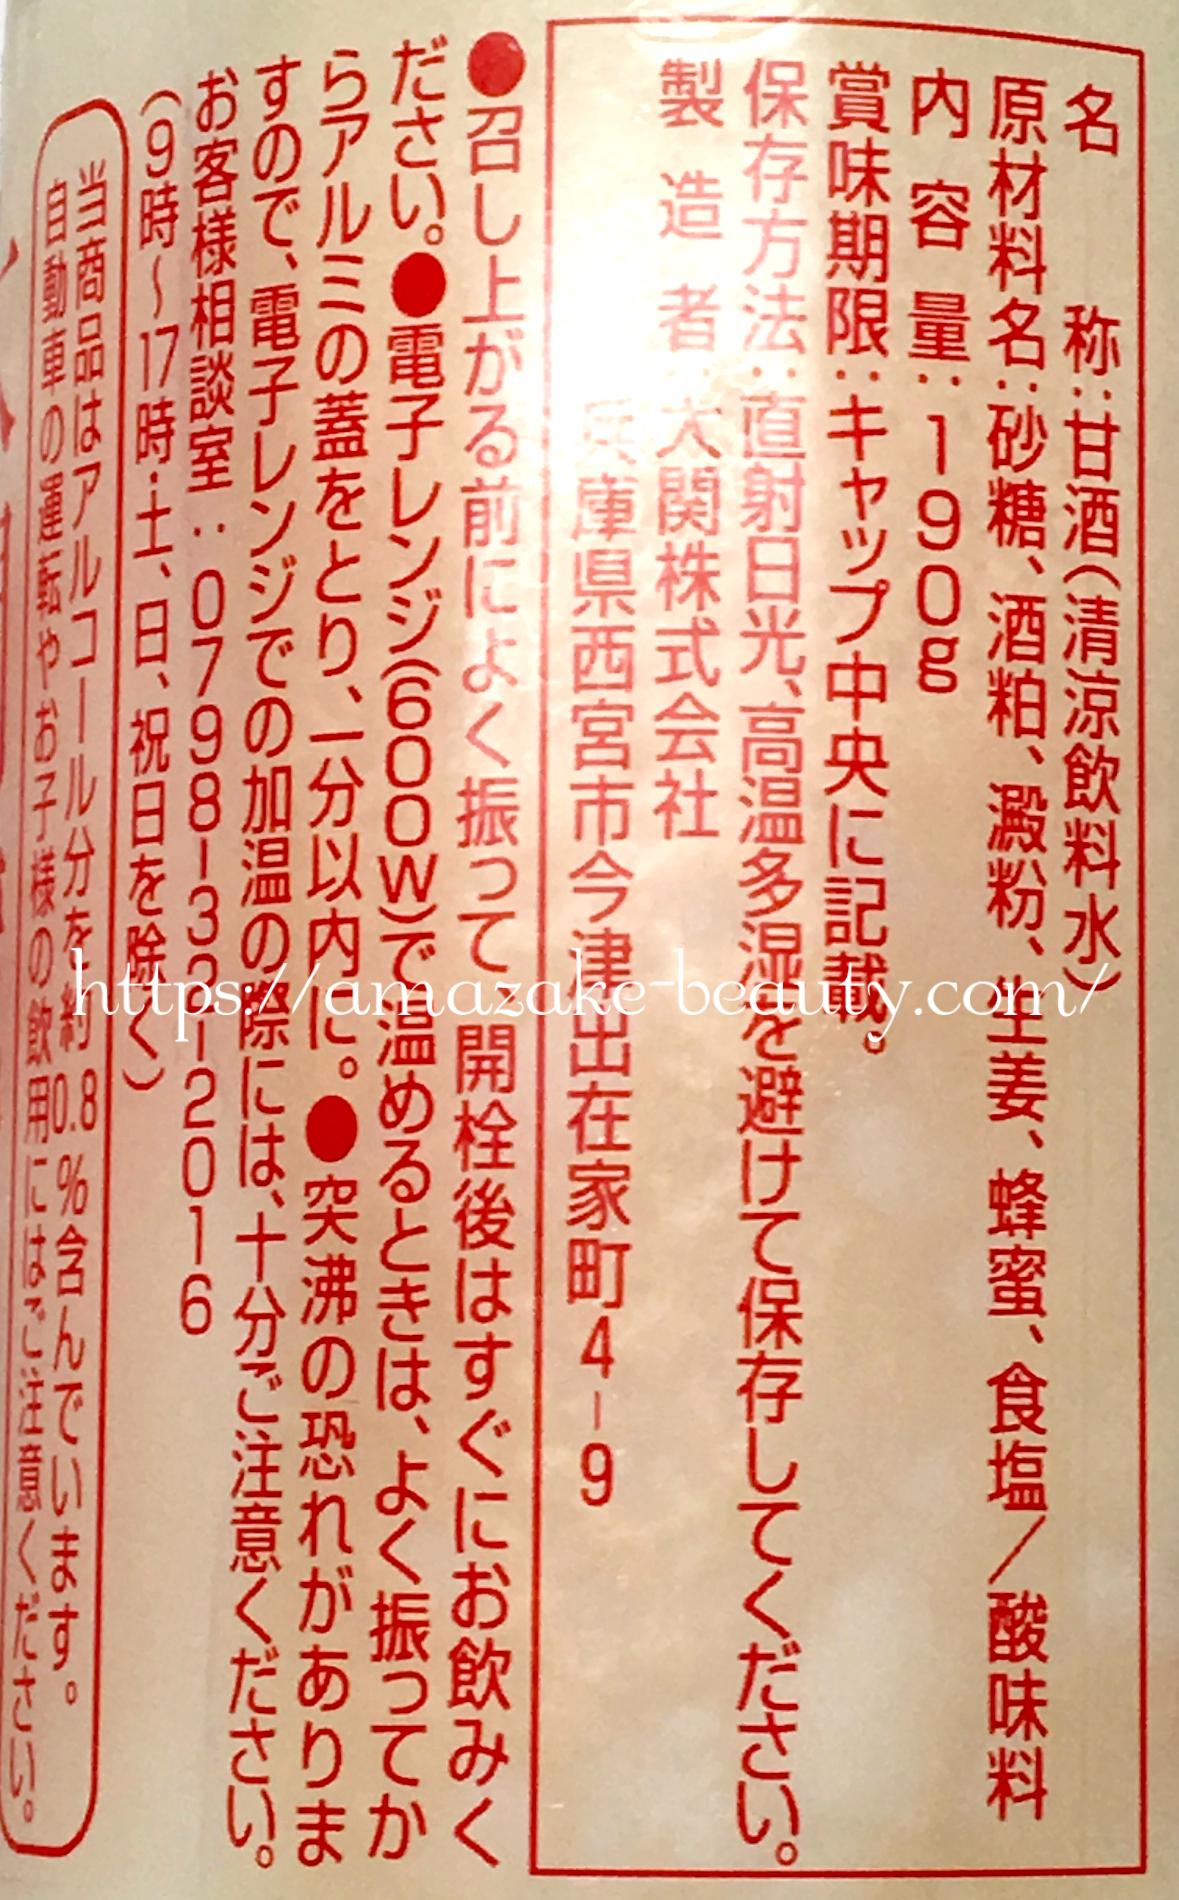 [amazake]ozeki[amazake](product description)